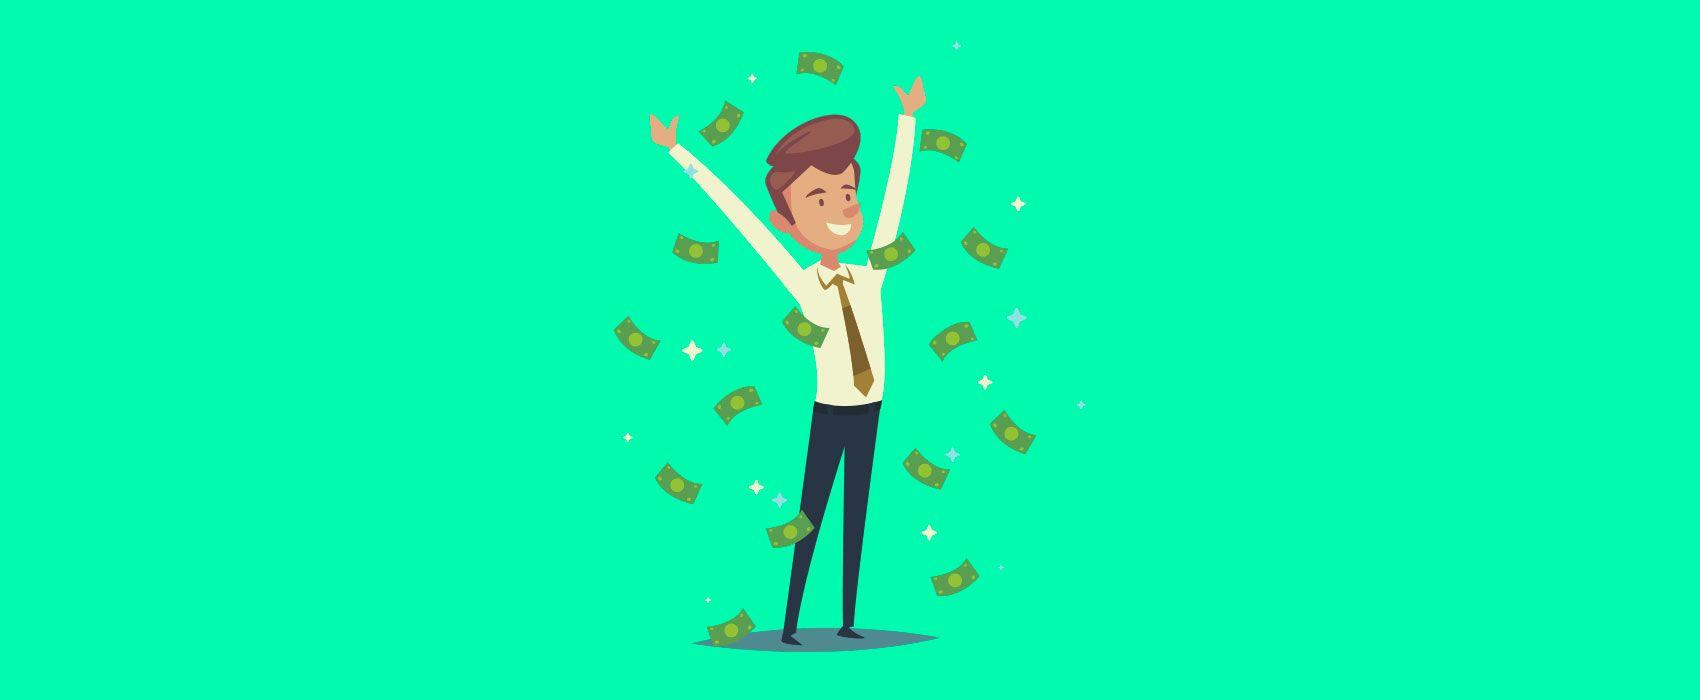 Plataformas de Crowfunding